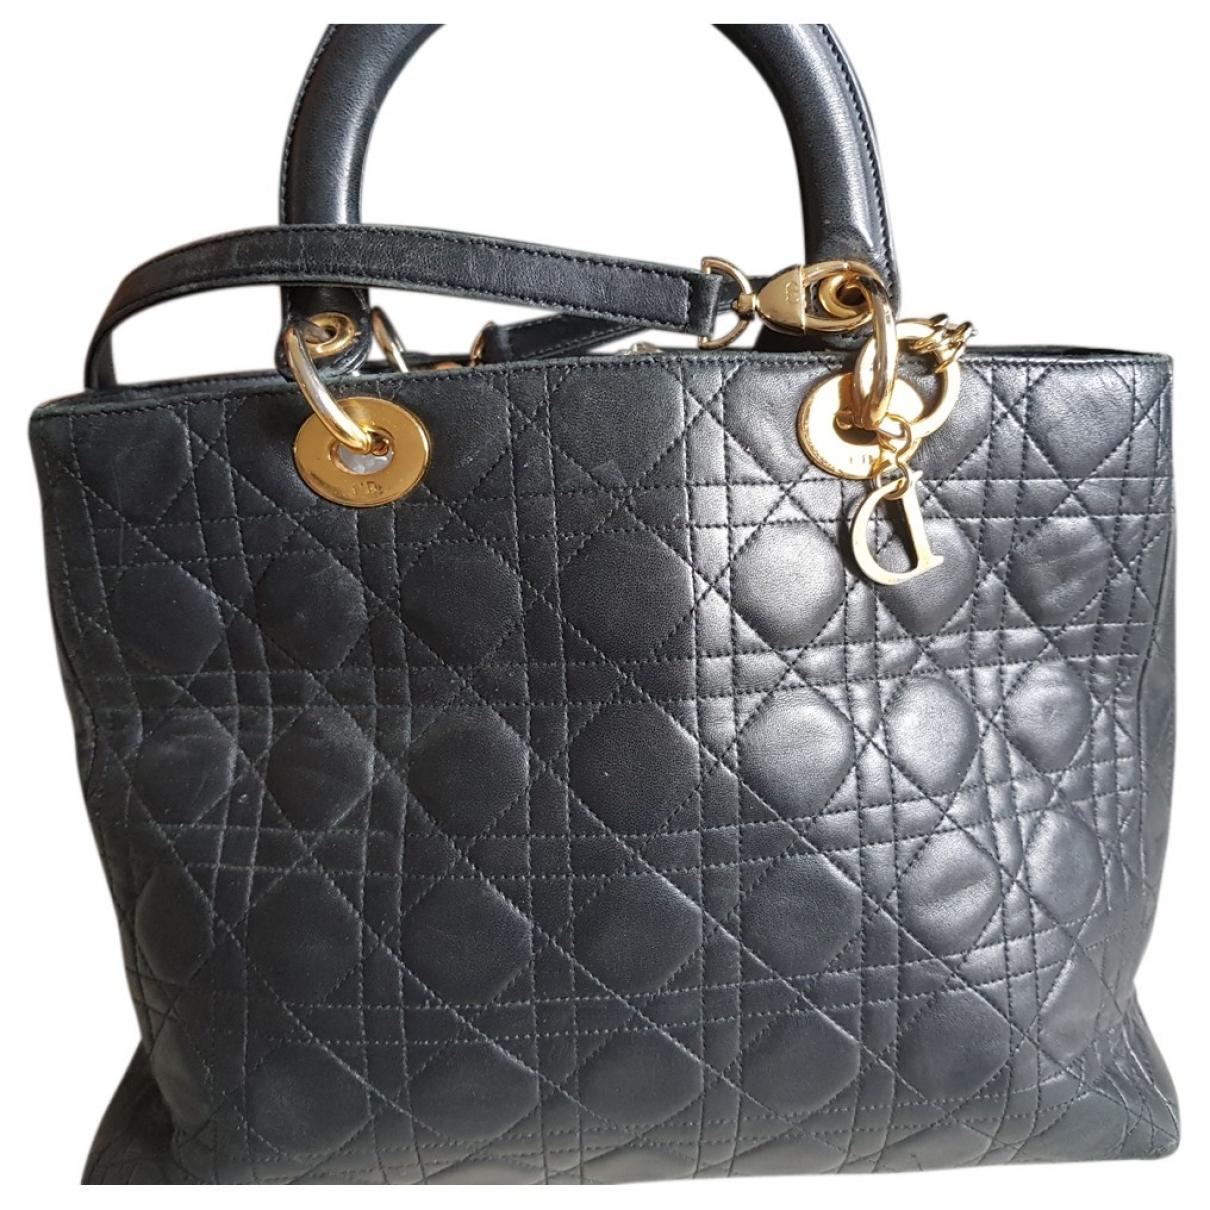 Dior - Sac a main Lady Dior pour femme en cuir - noir